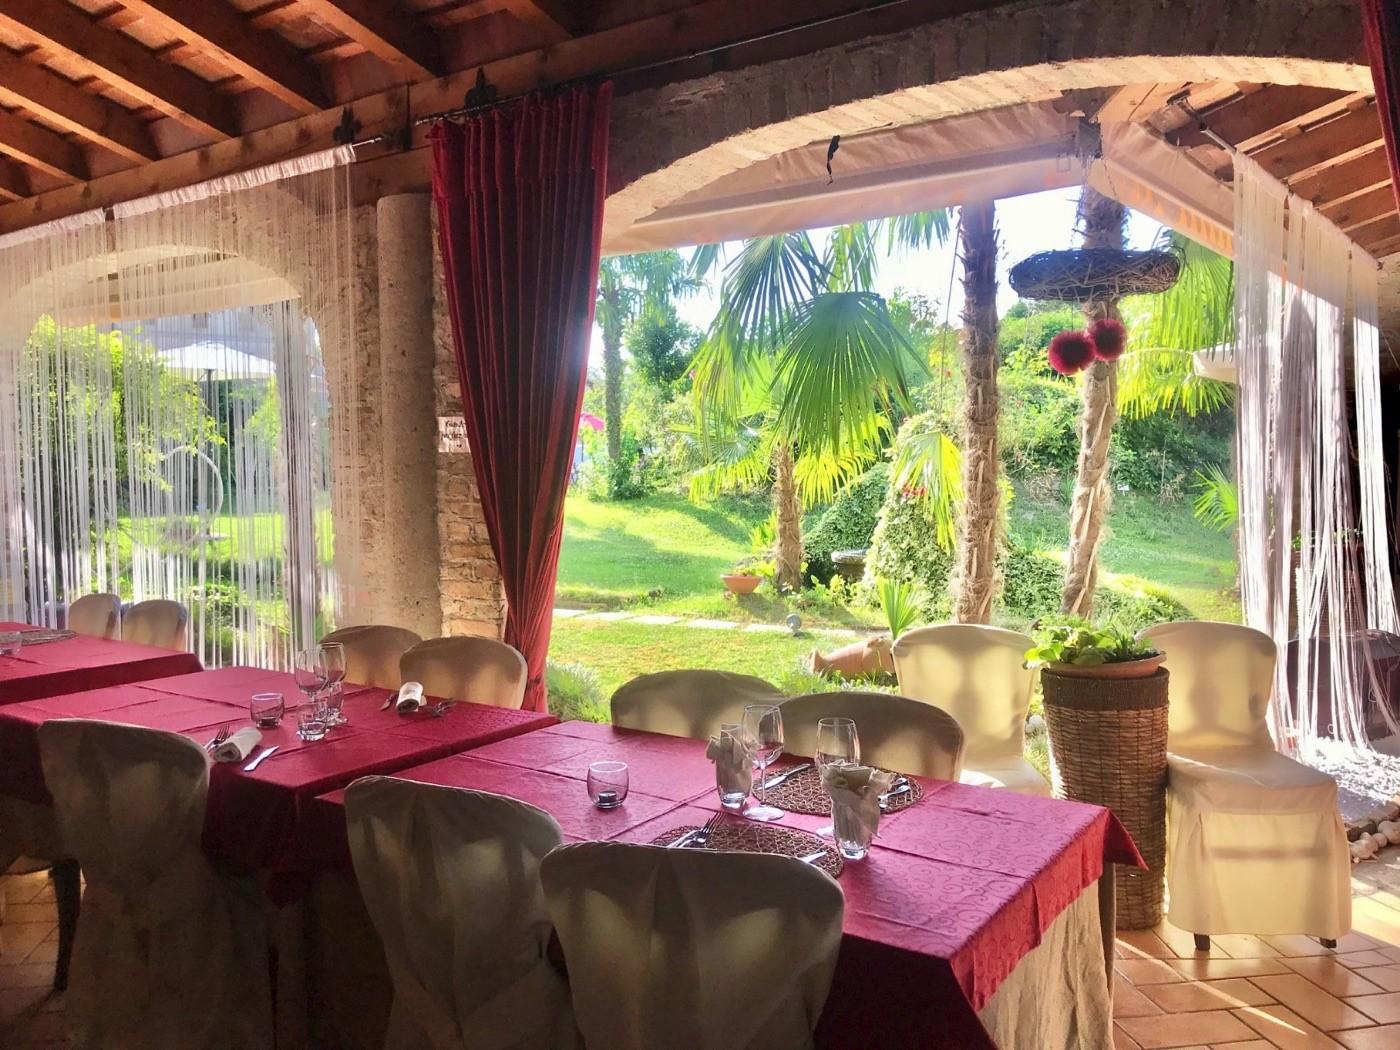 13 veranda giardino ristorante eventi cerimonie Eventi e cerimonie, Veranda esterna e giardino | Ristorante Rivignano Friuli